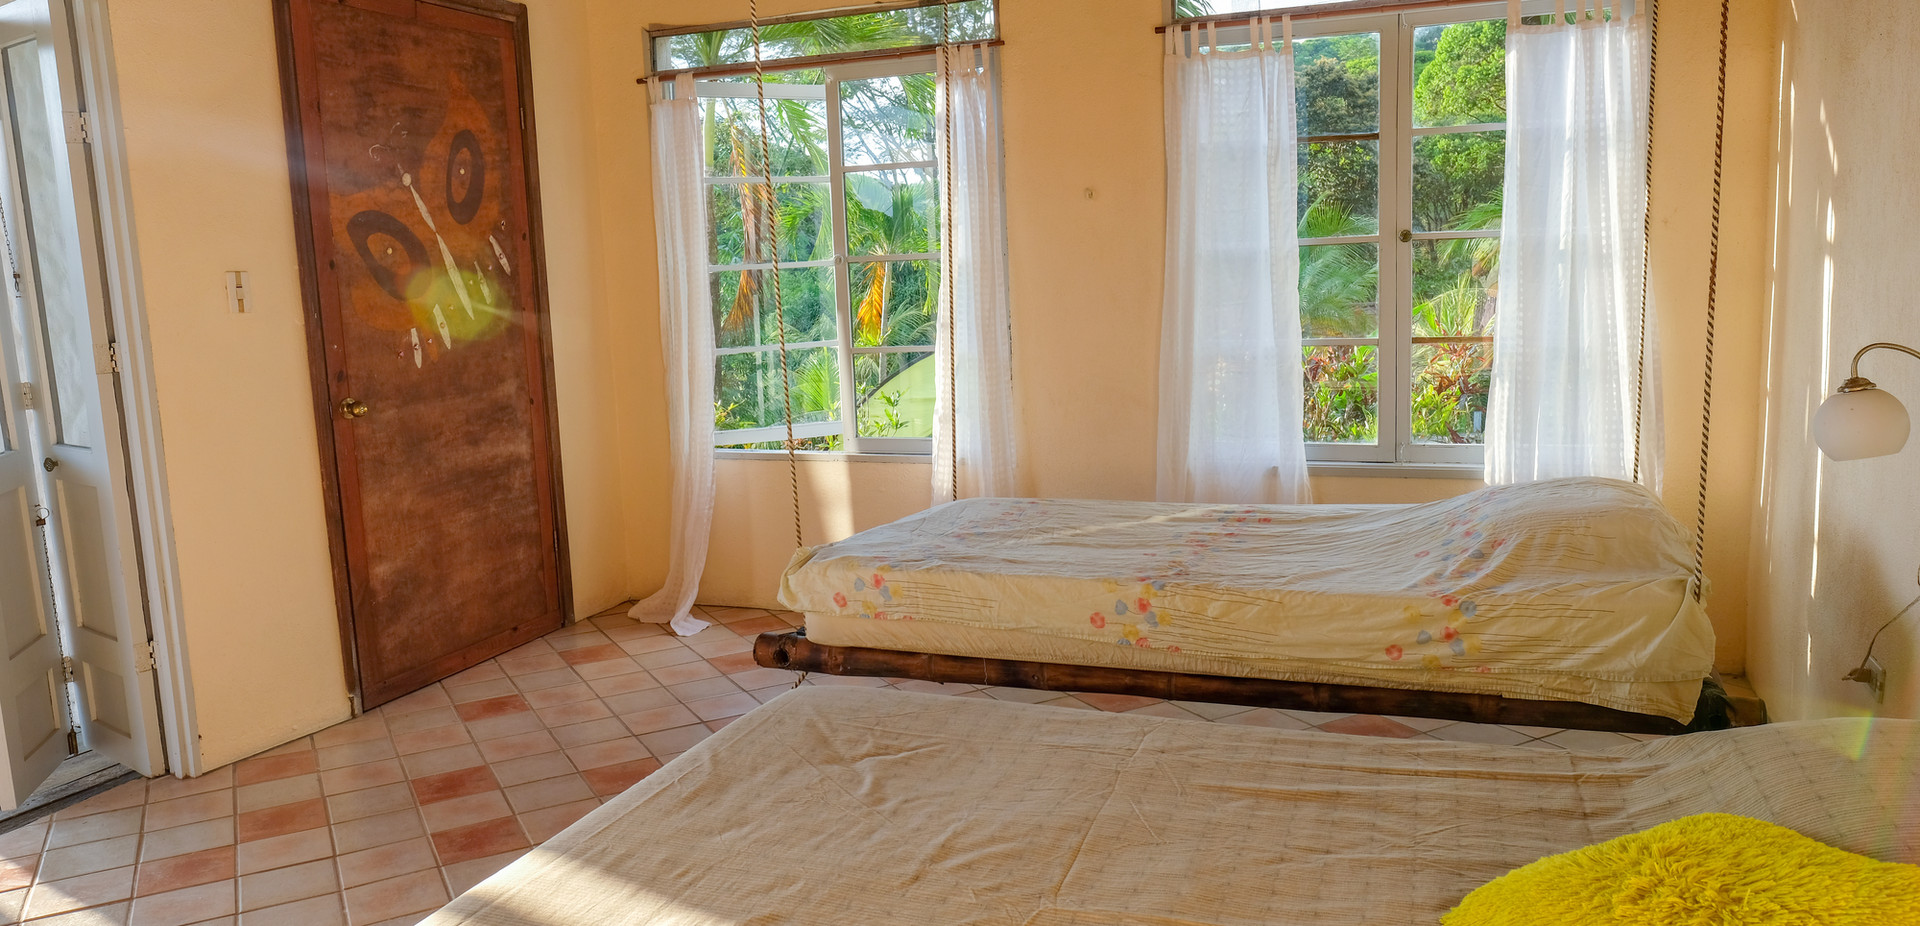 Room 3.1